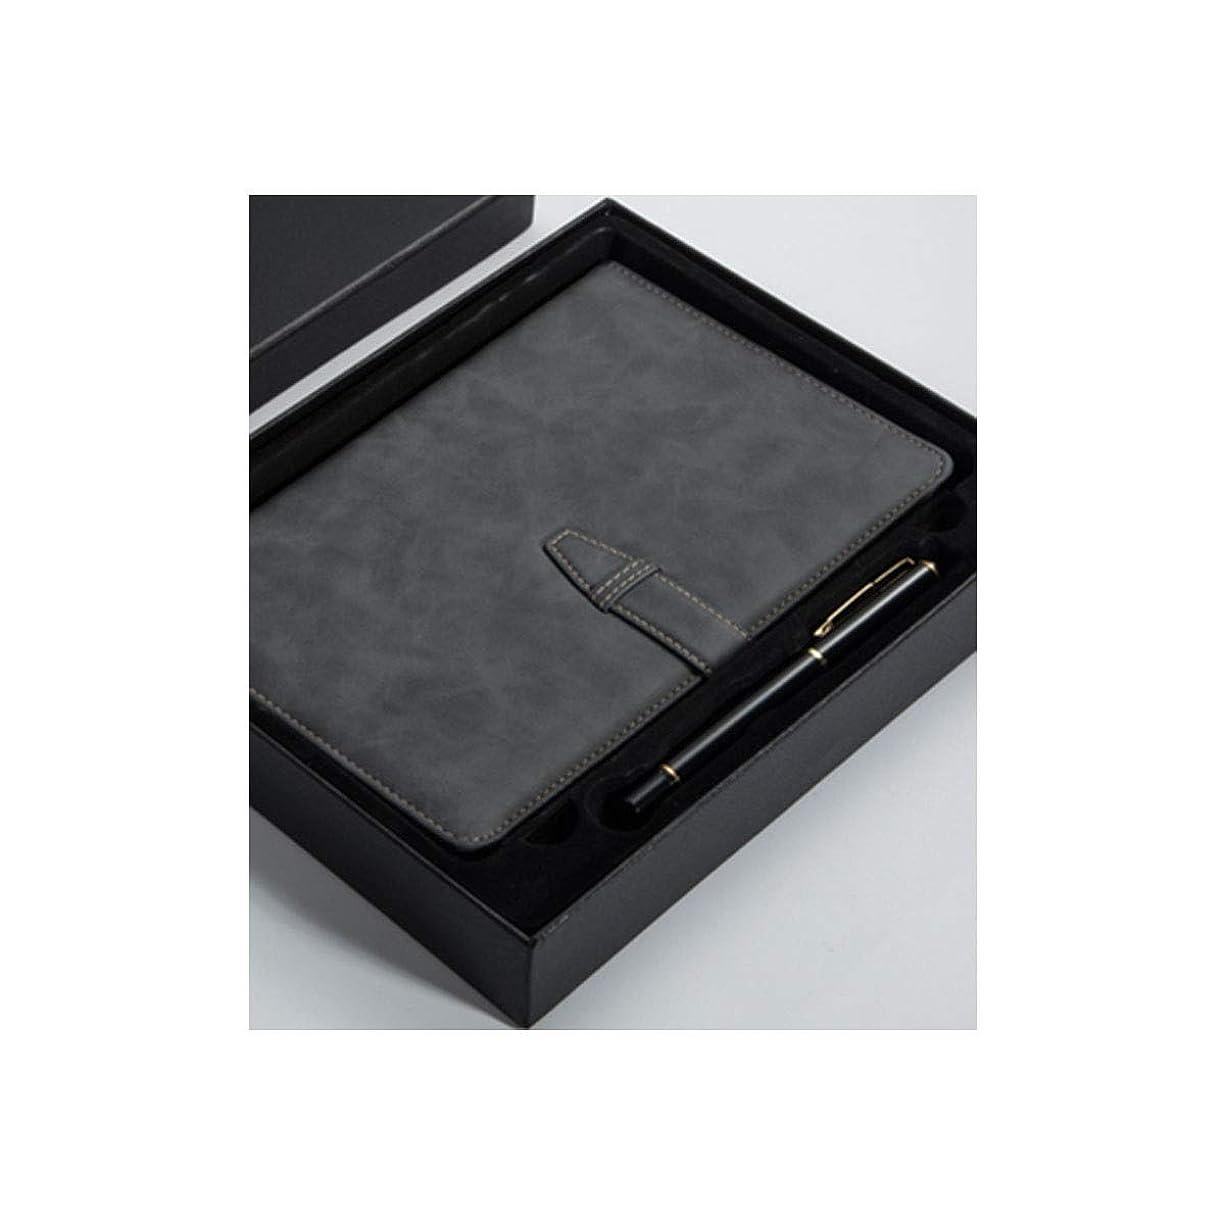 保安交響曲カウントXionghaizi ギフトノートとペンセットギフトボックス、ノートセット、ホリデーギフト、ノートブック、ビジネス会議仕事メモ帳、複数の色 高品質の製品 5 (Style : A)